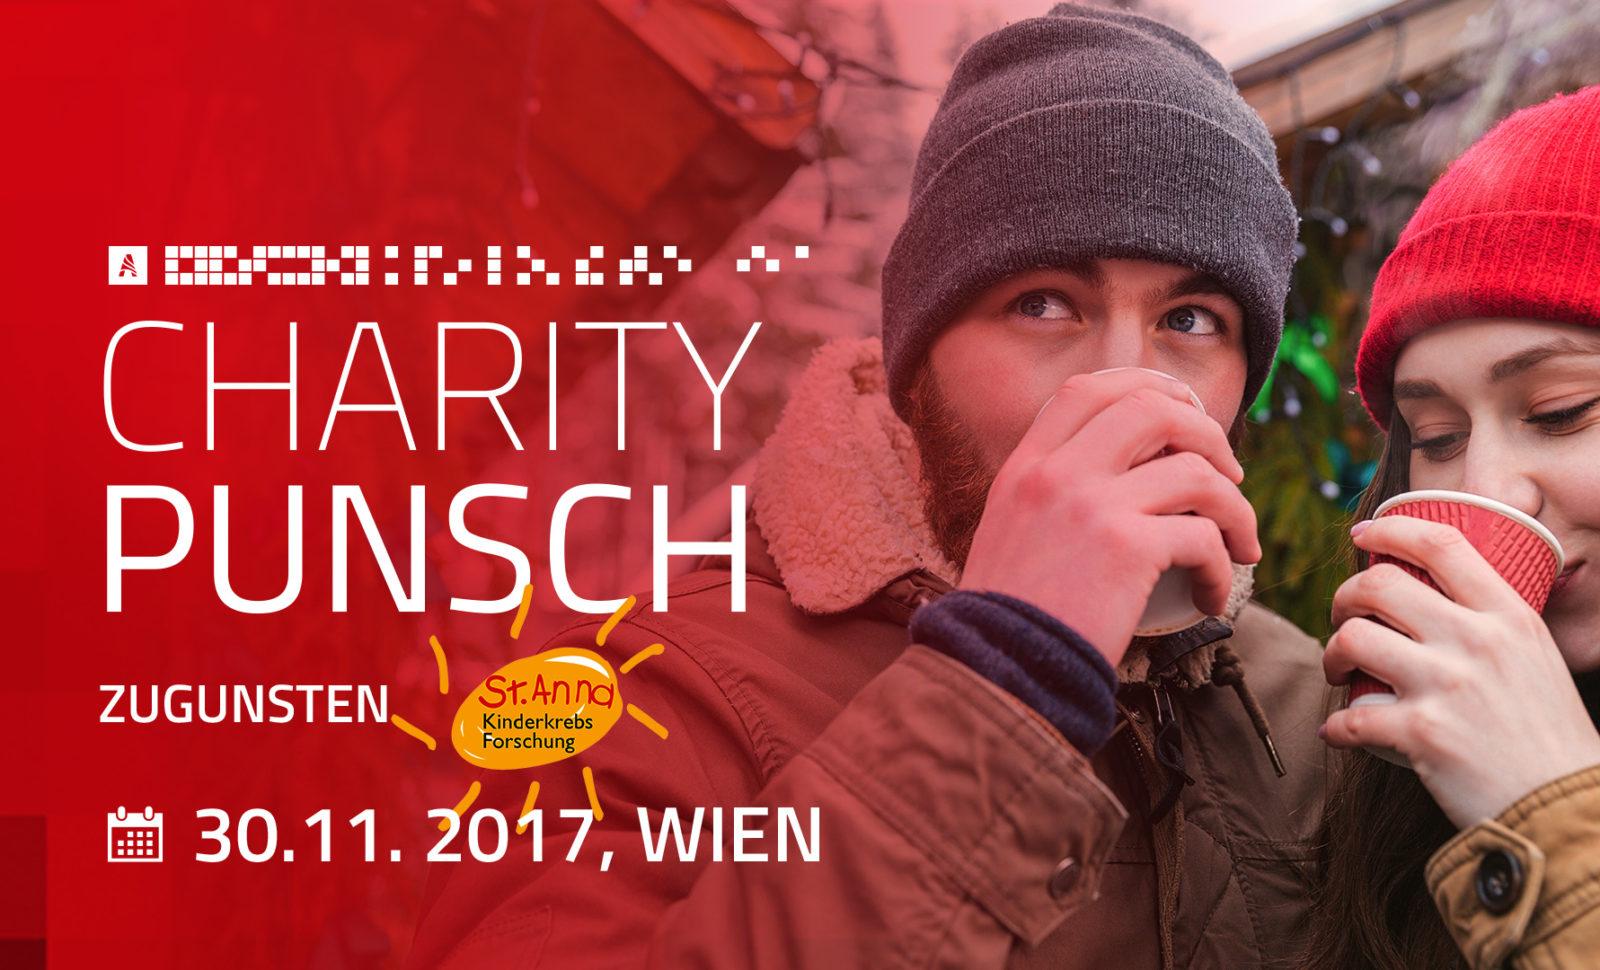 A-COMMERCE Charity Event zugunsten der St. Anna Kinderkrebsforschung am 30.11.2017